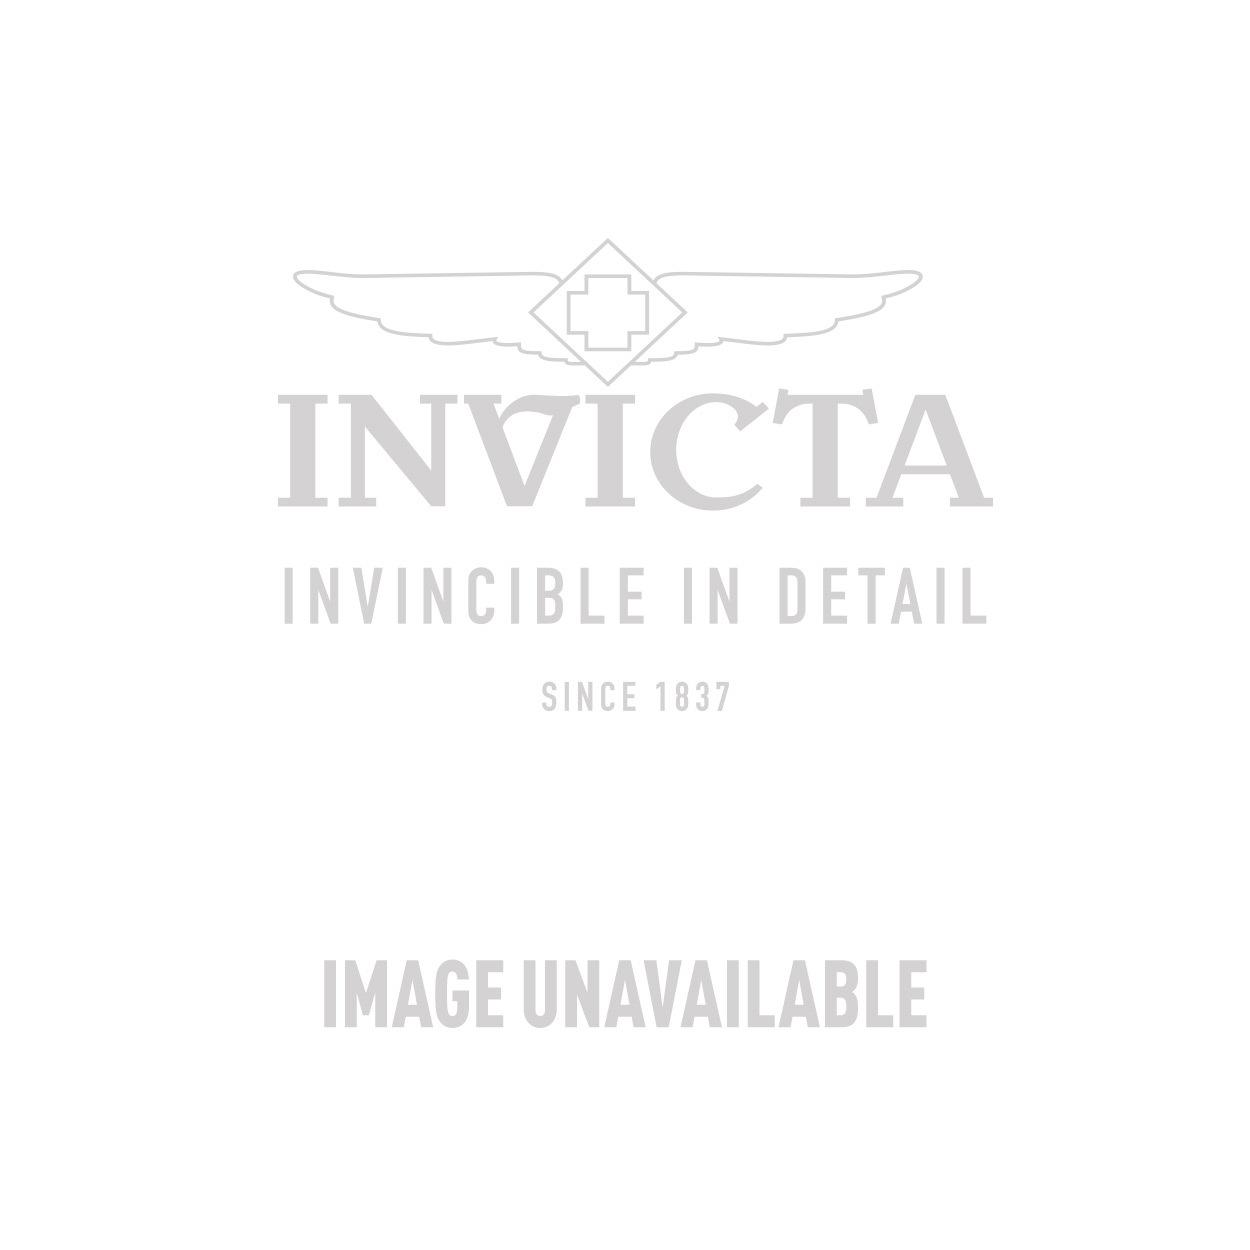 Invicta Model 27424